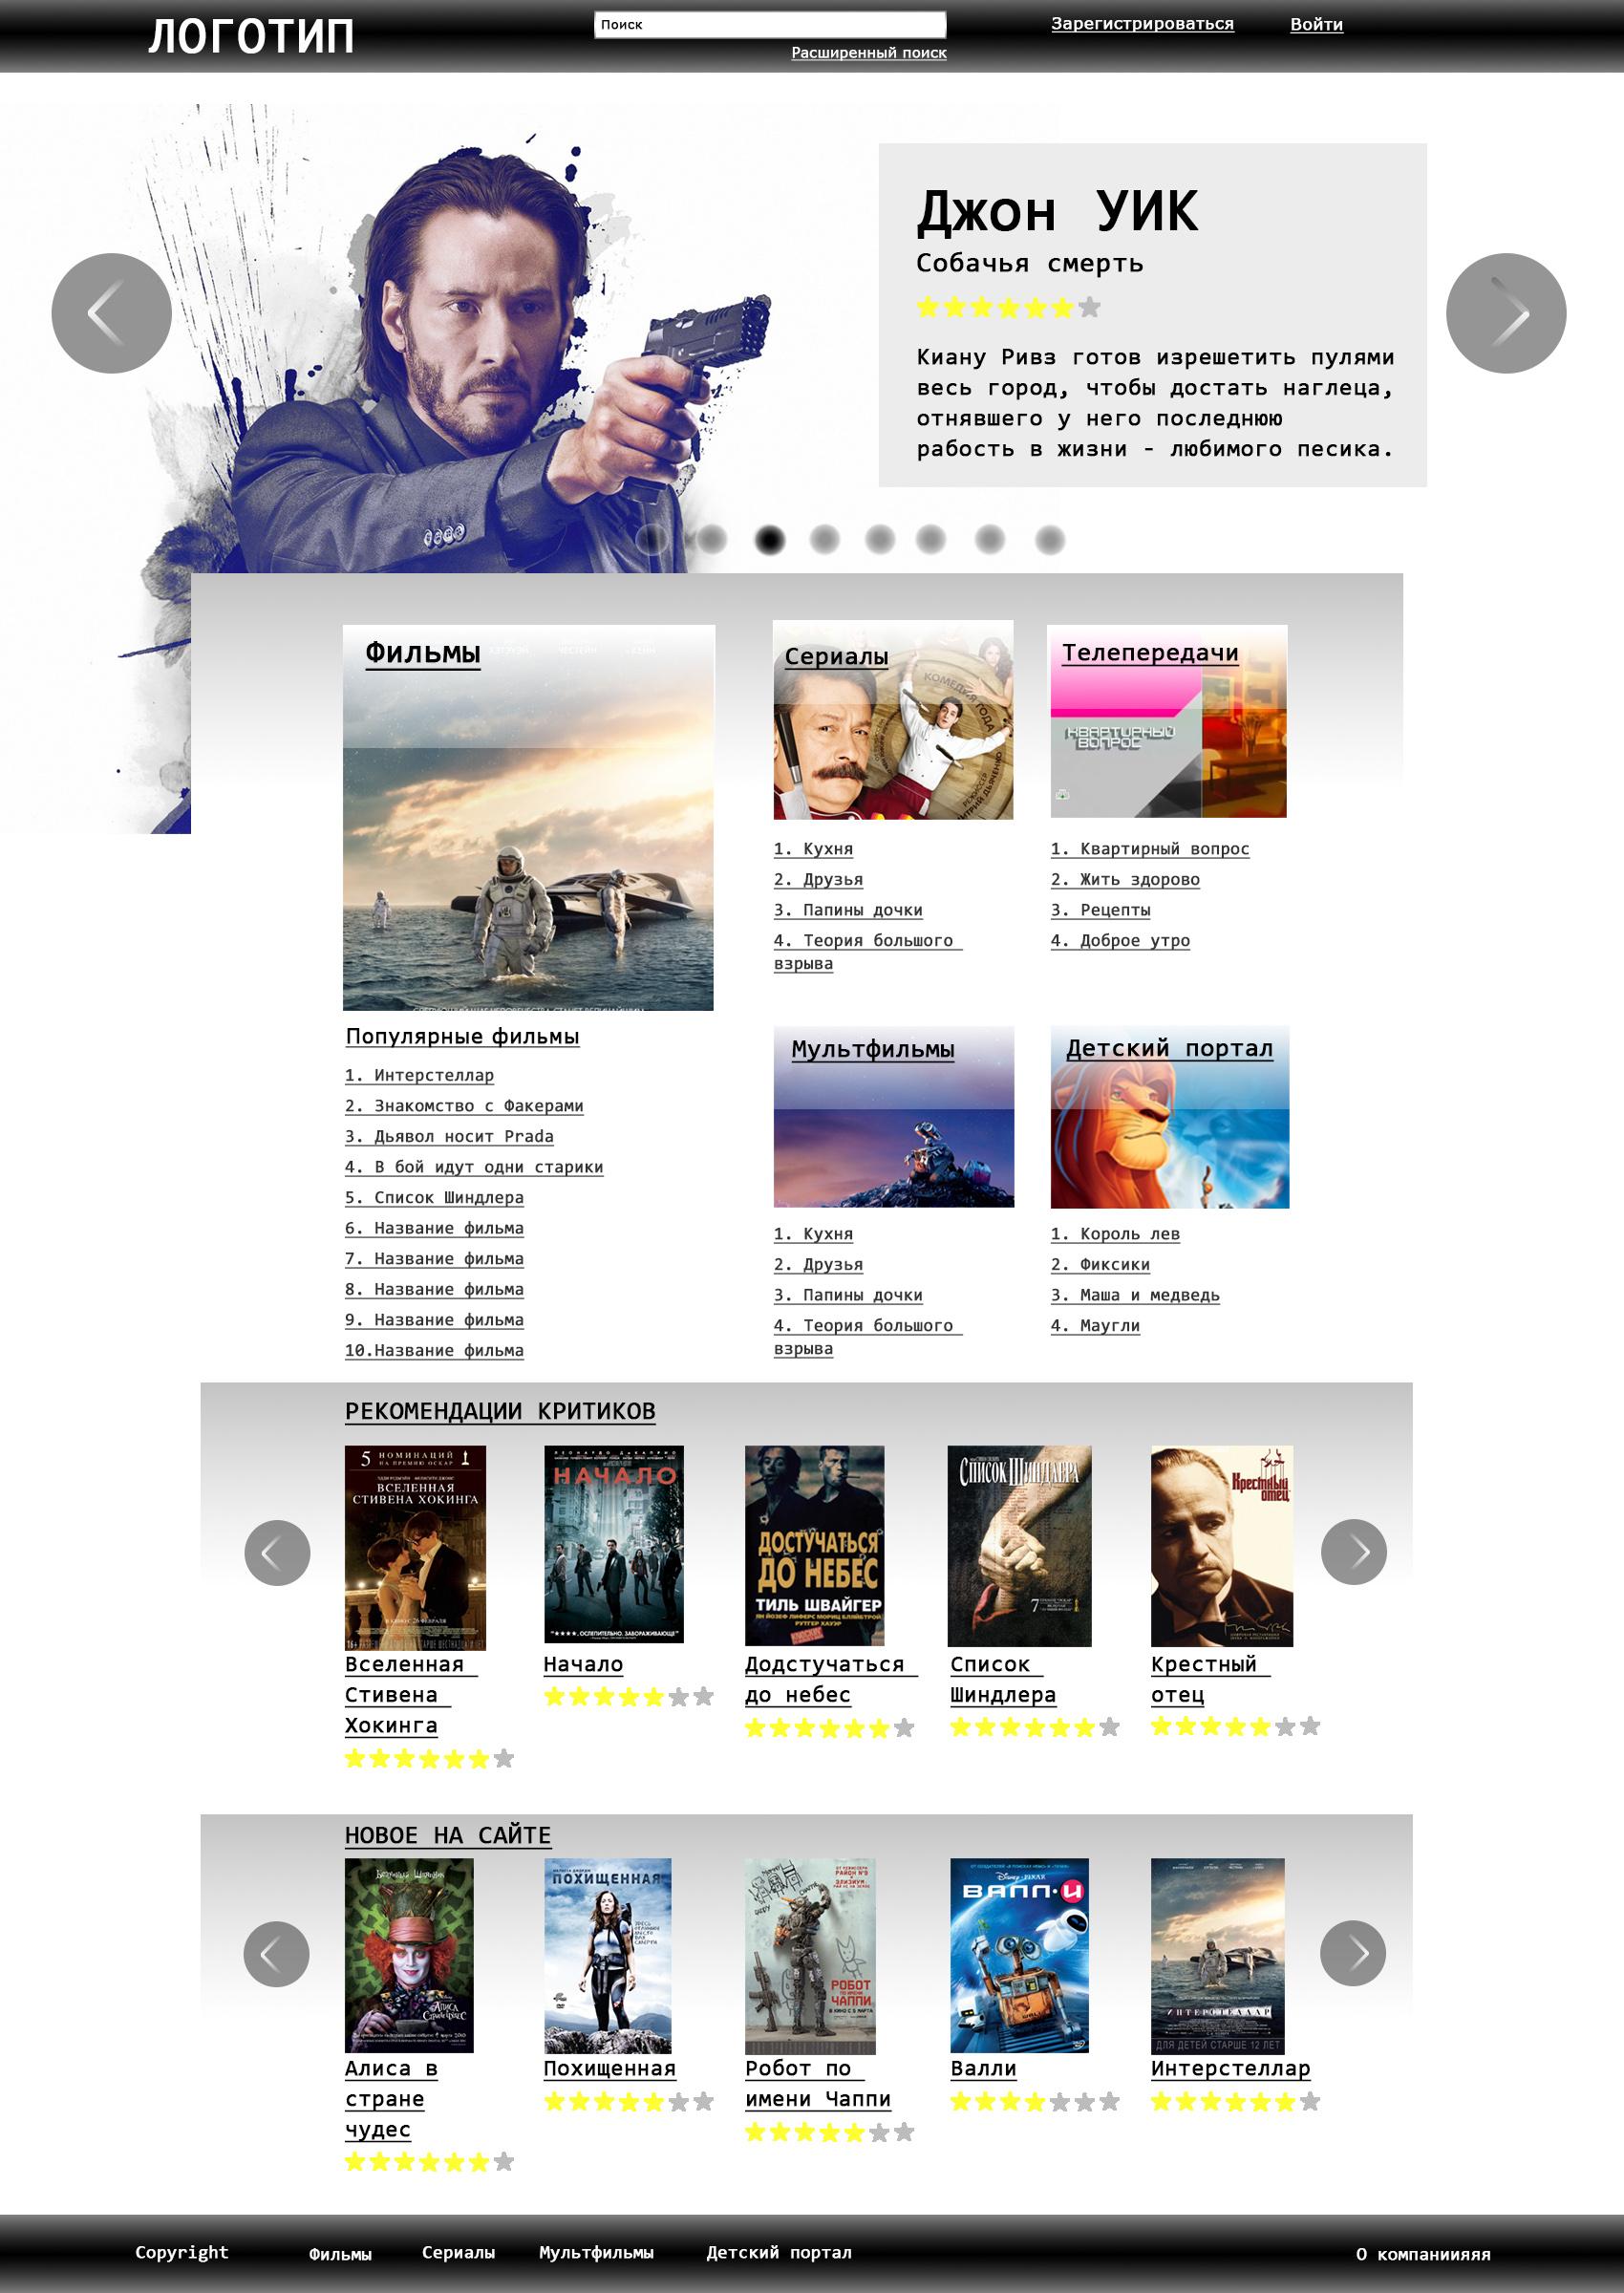 Дизайн для онлайн-кинотеатра фото f_8925527ffa7d17f1.jpg